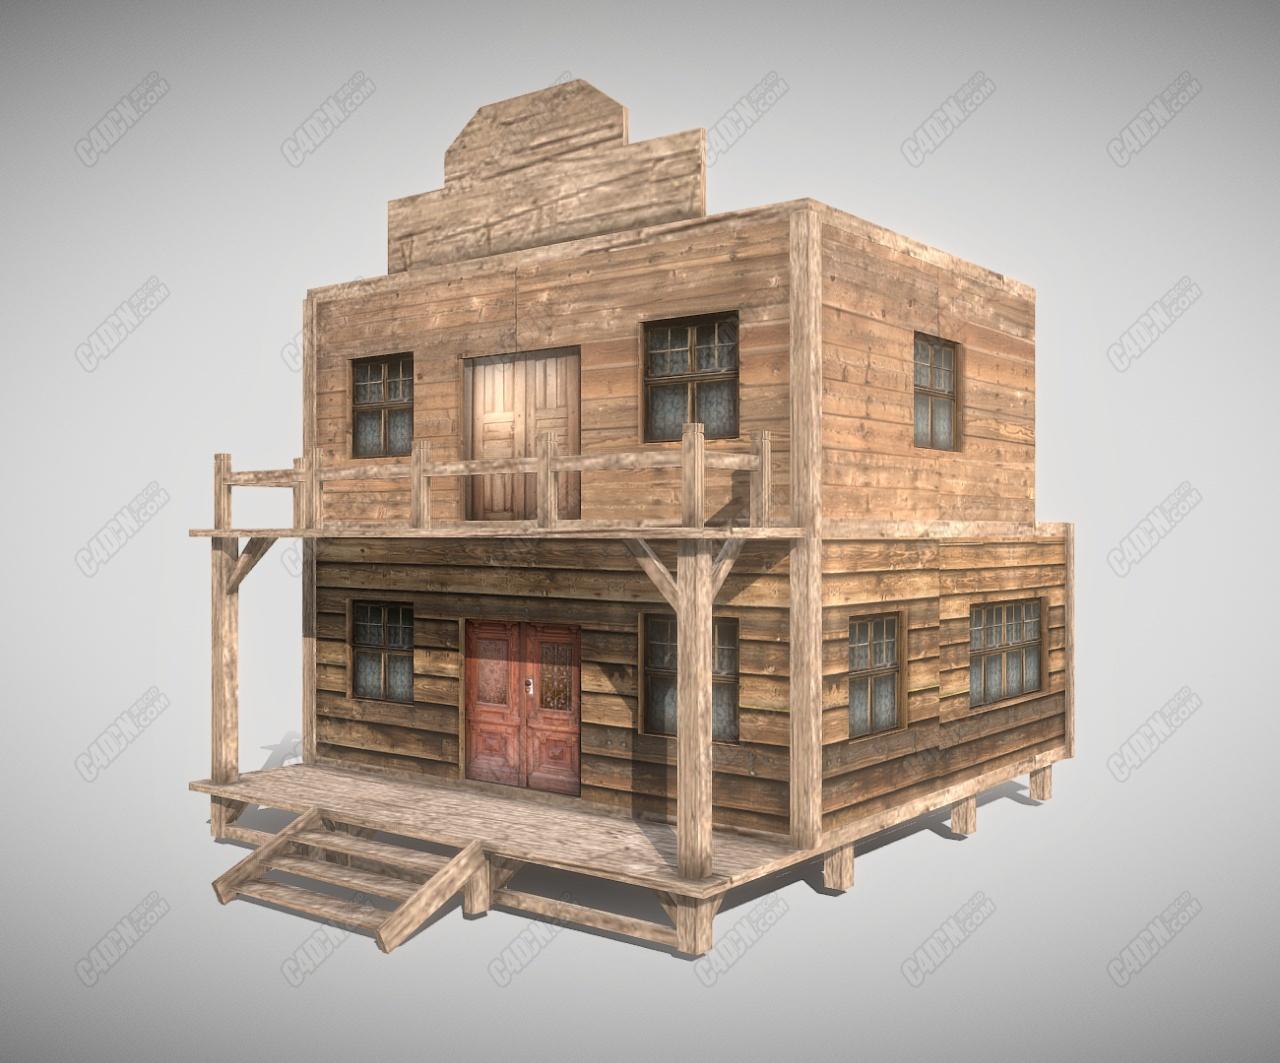 C4D沙漠旅店木板房建筑模型 Western House